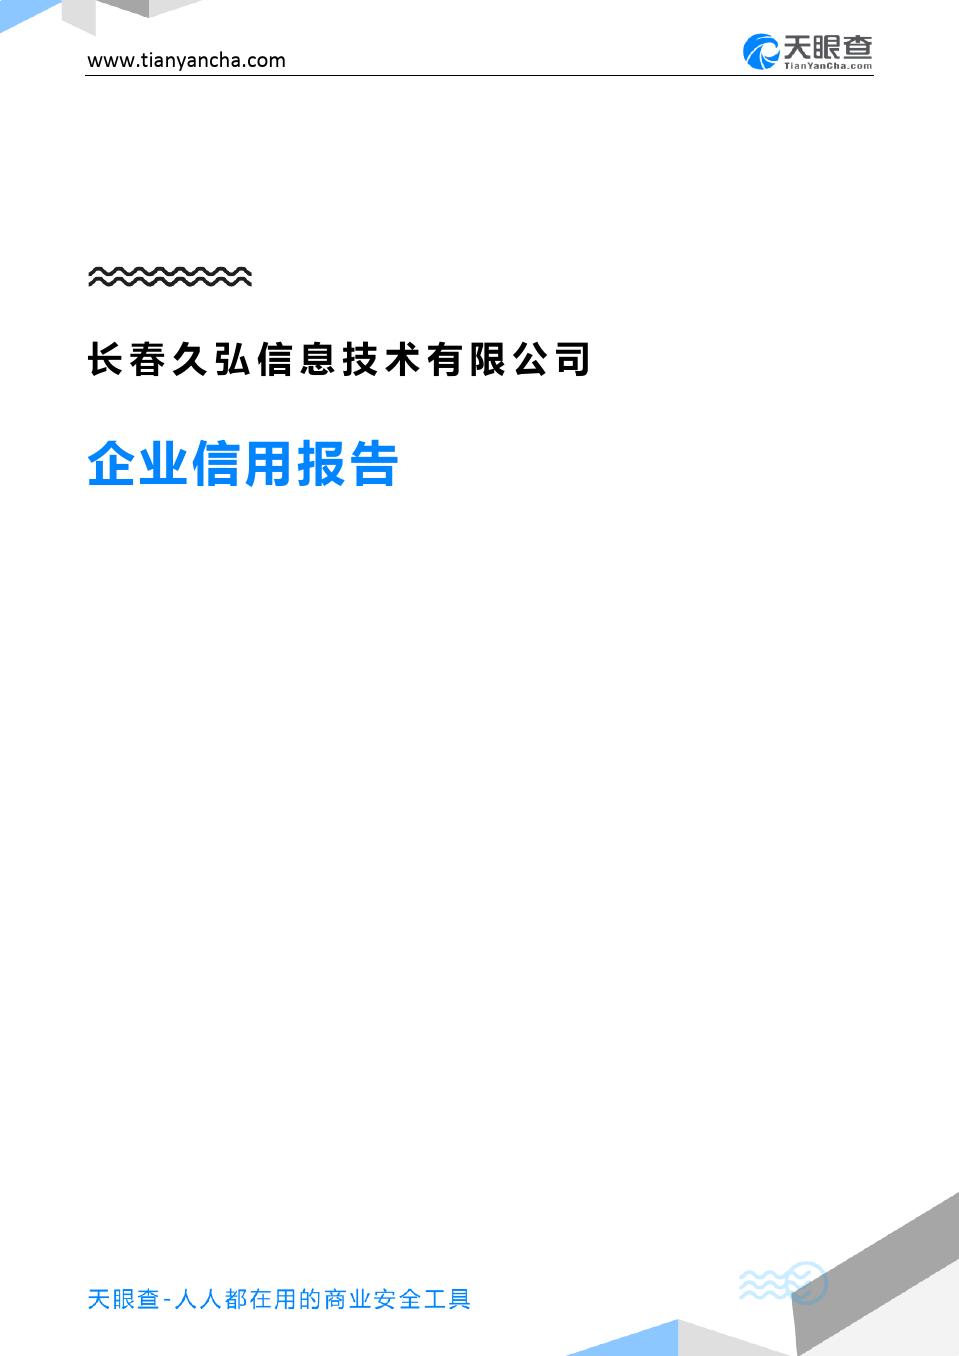 长春久弘信息技术有限公司(企业信用报告)- 天眼查